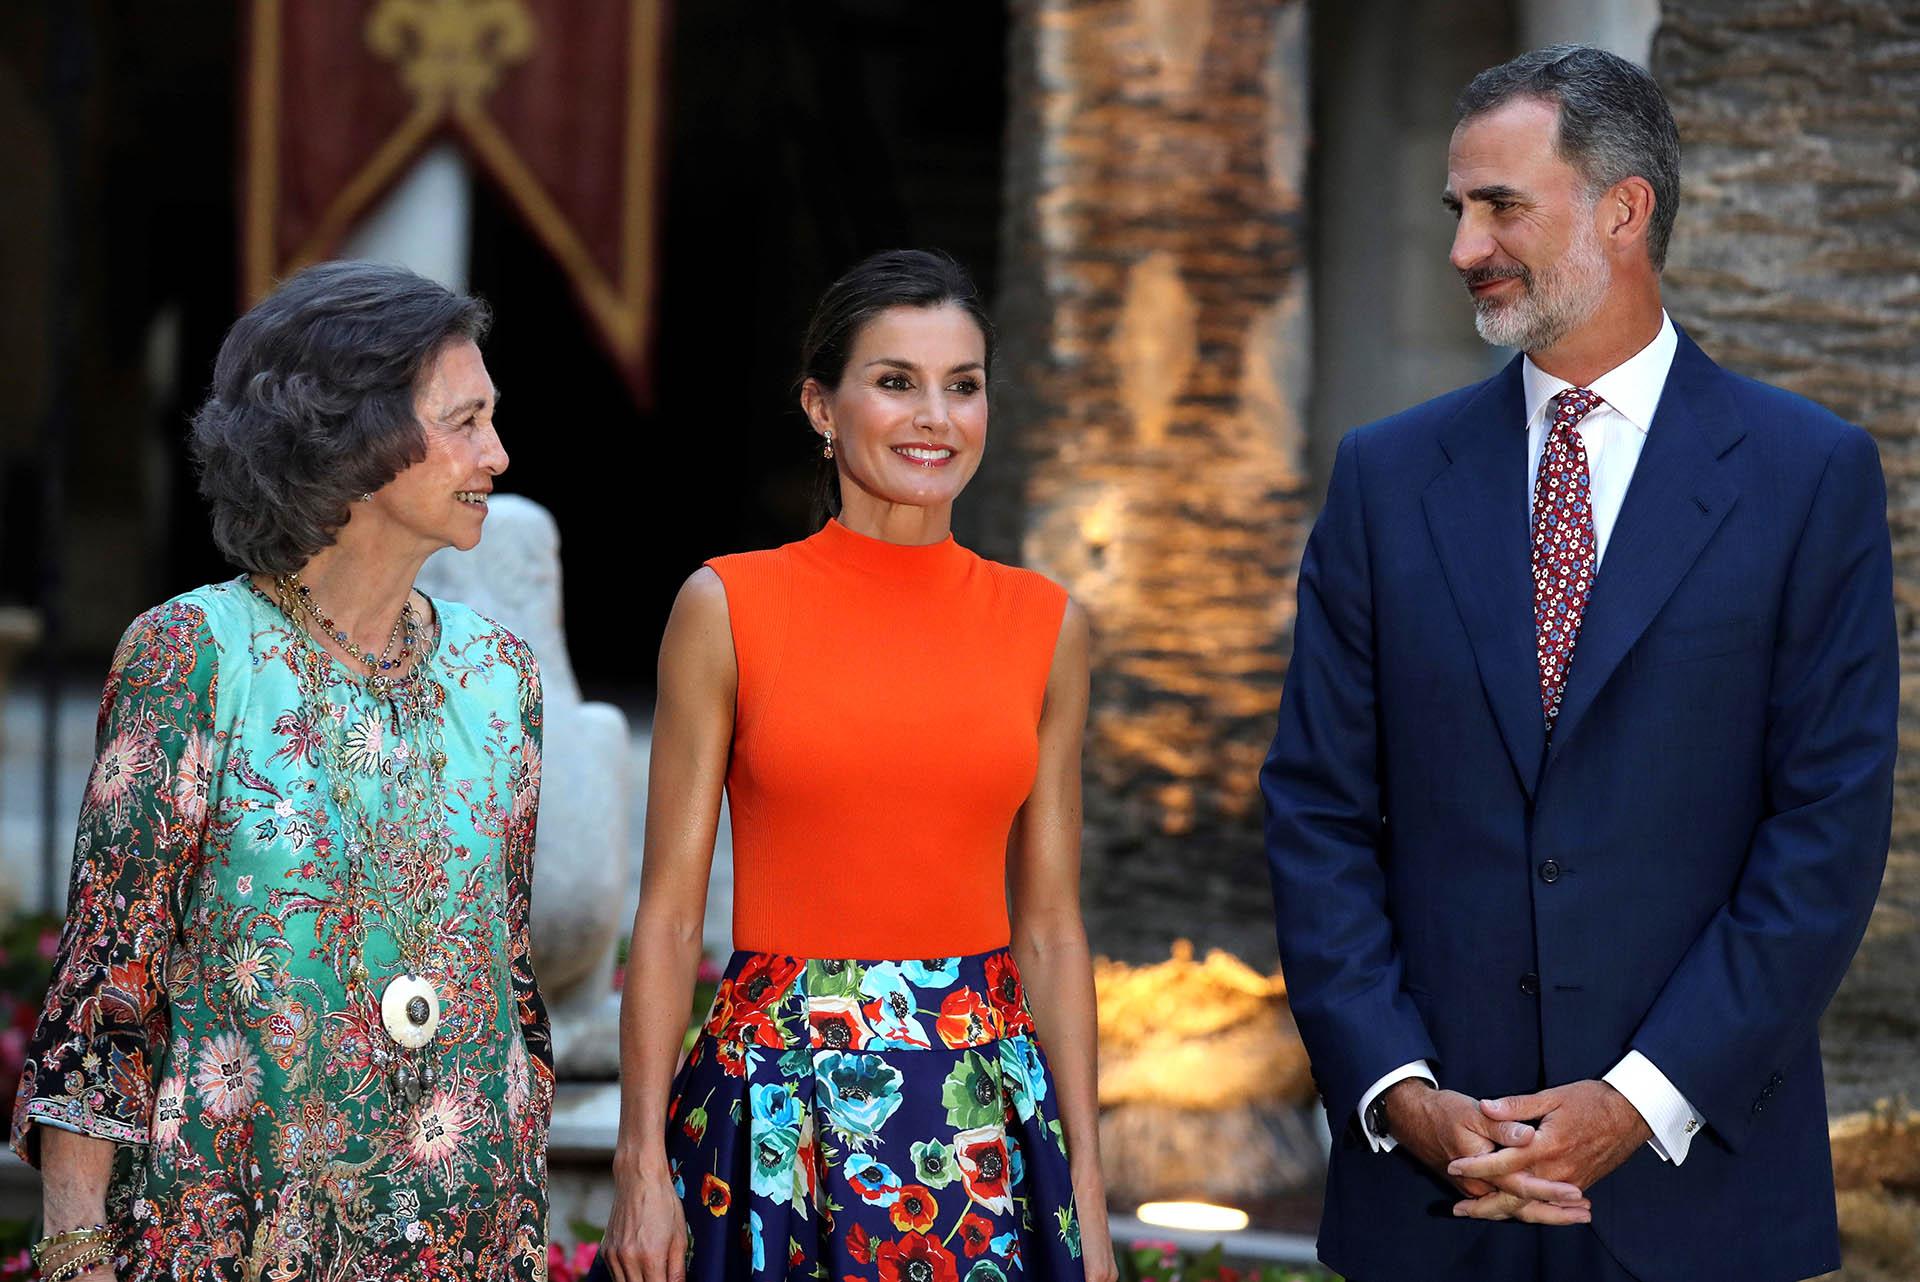 La familia real hizo un alto en sus vacaciones de verano para abrir las puertas del Palacio de La Almudaina y llevar a cabo esta recepción